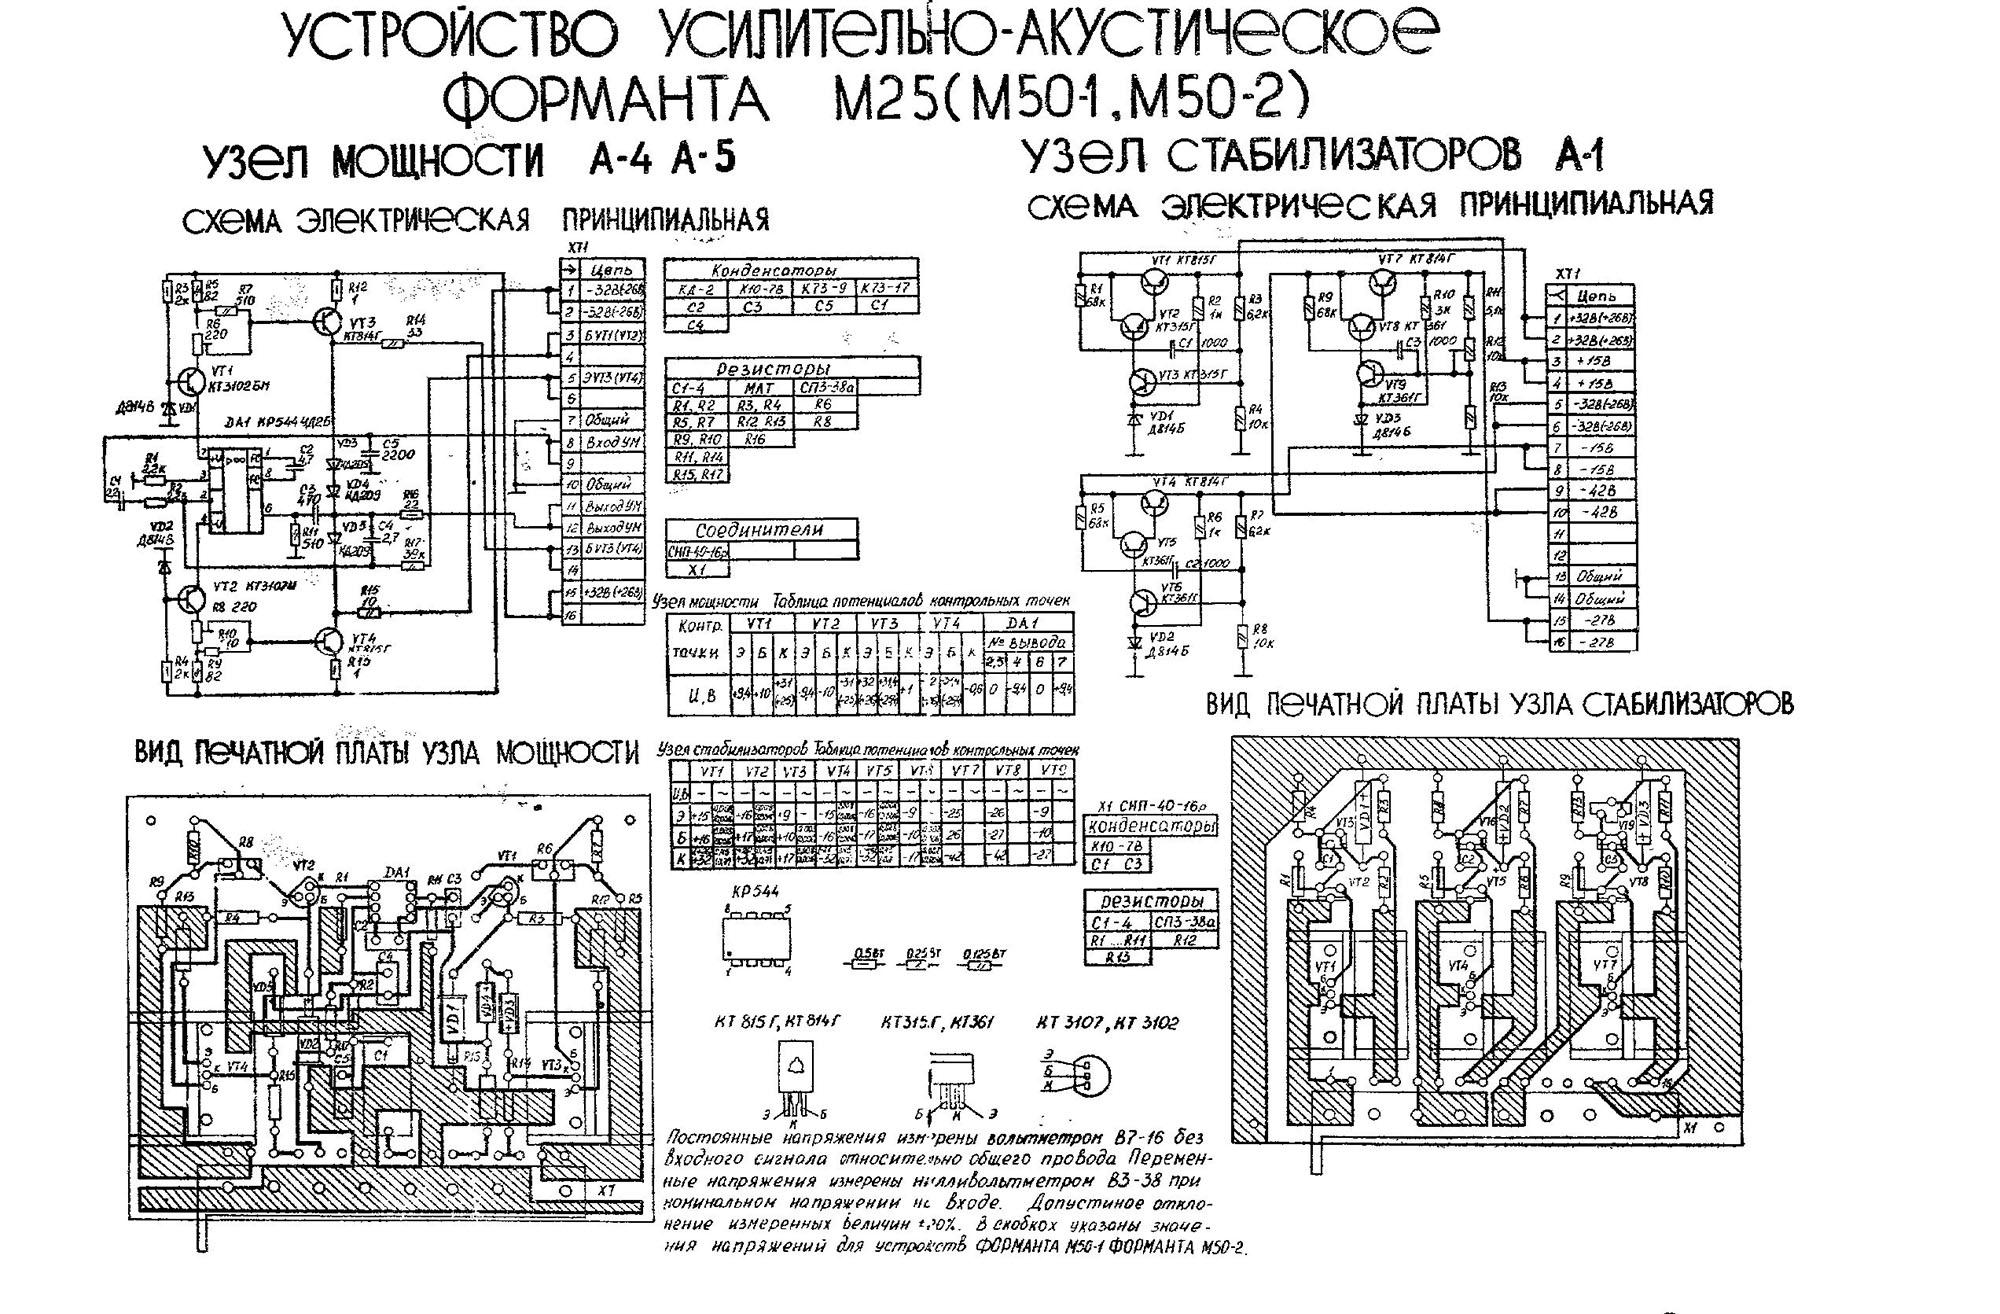 2 форманта схема усилителя м50